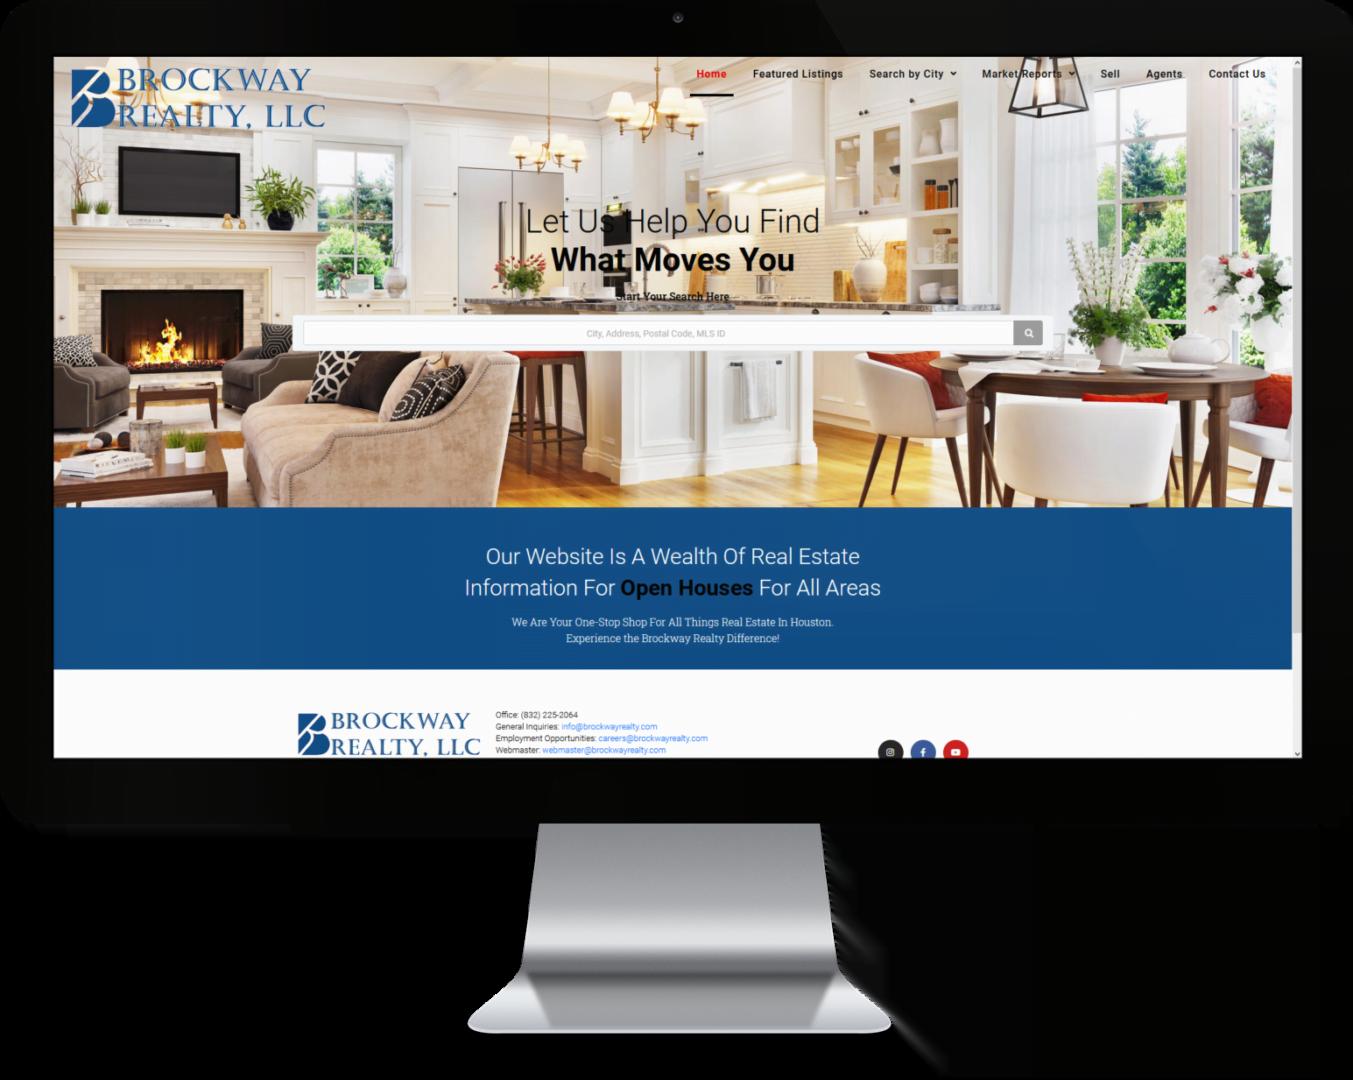 Brockway Realty Custom WordPress IDX Real Estate Website Design by CHEM.digital